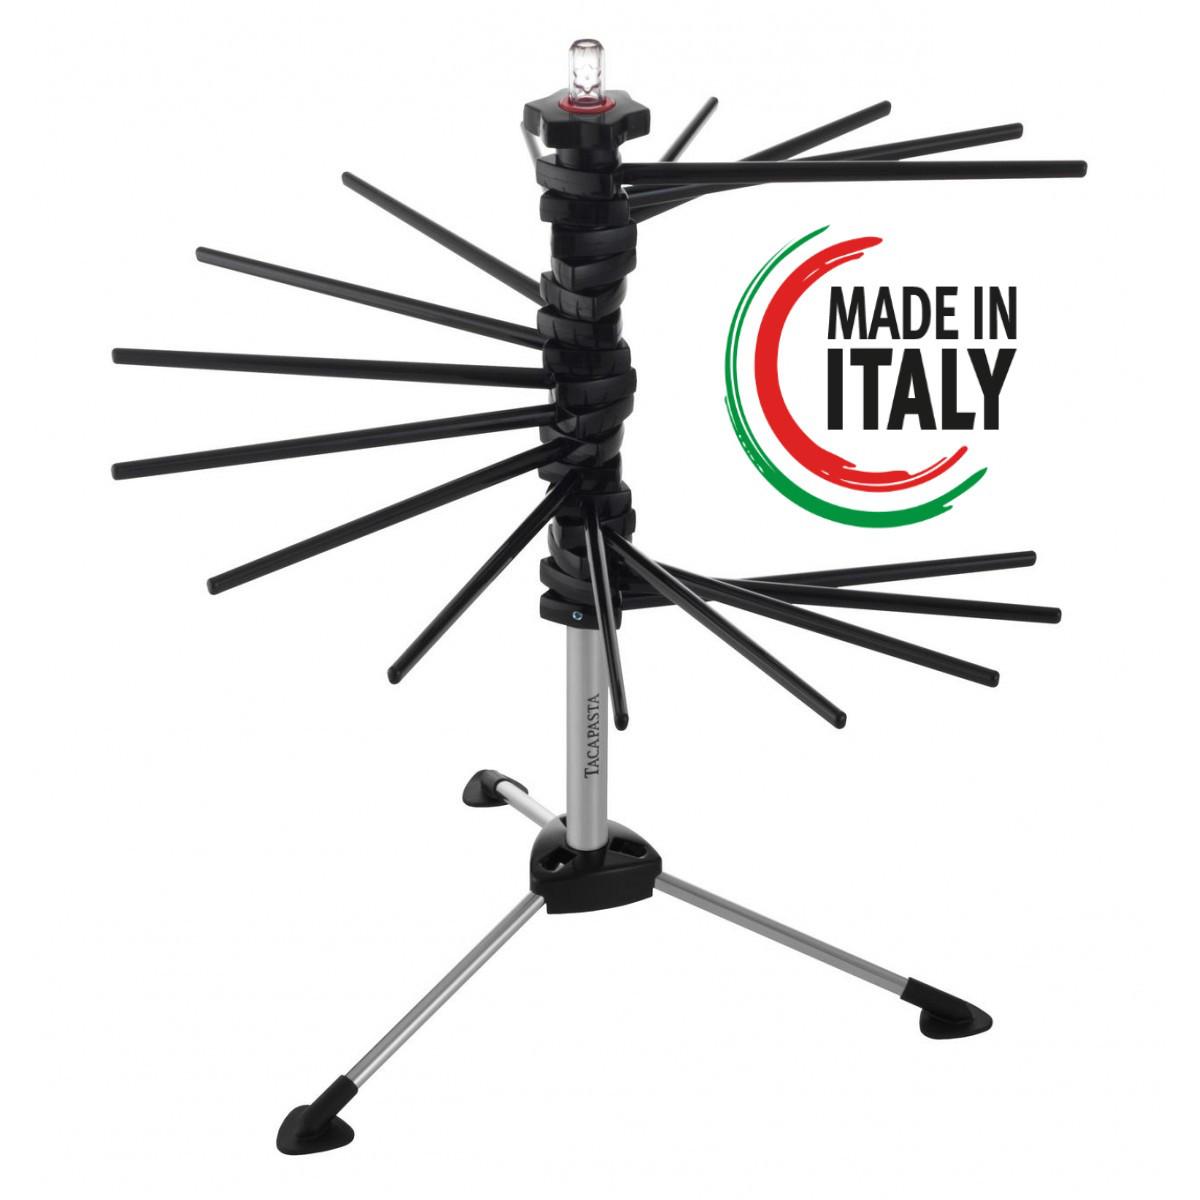 Сушилка для макаронных изделий Marcato Tacapasta Black — Италия!